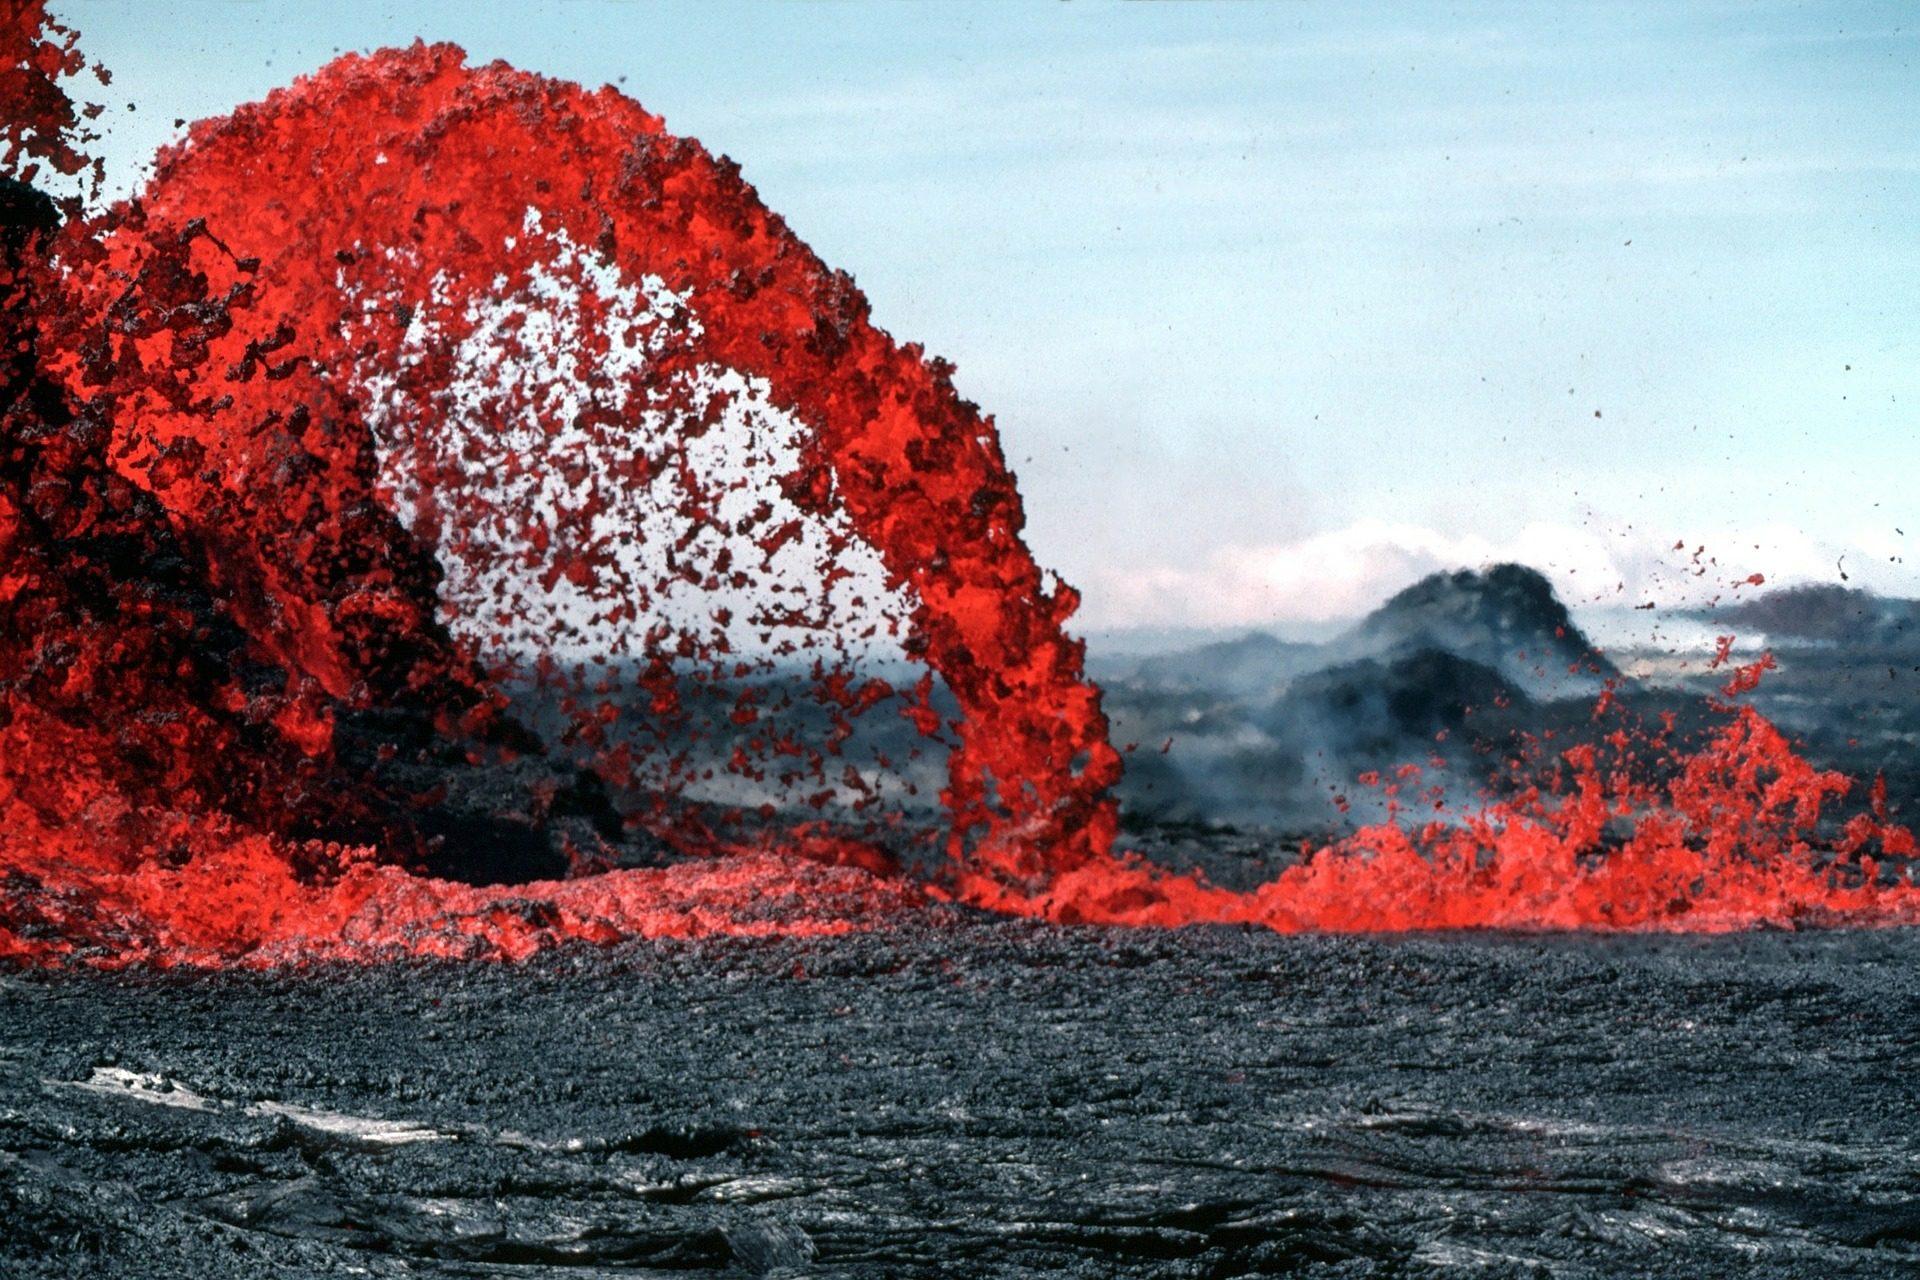 熔岩, 岩浆, 火山喷发, 火山, 热, 危险 - 高清壁纸 - 教授-falken.com